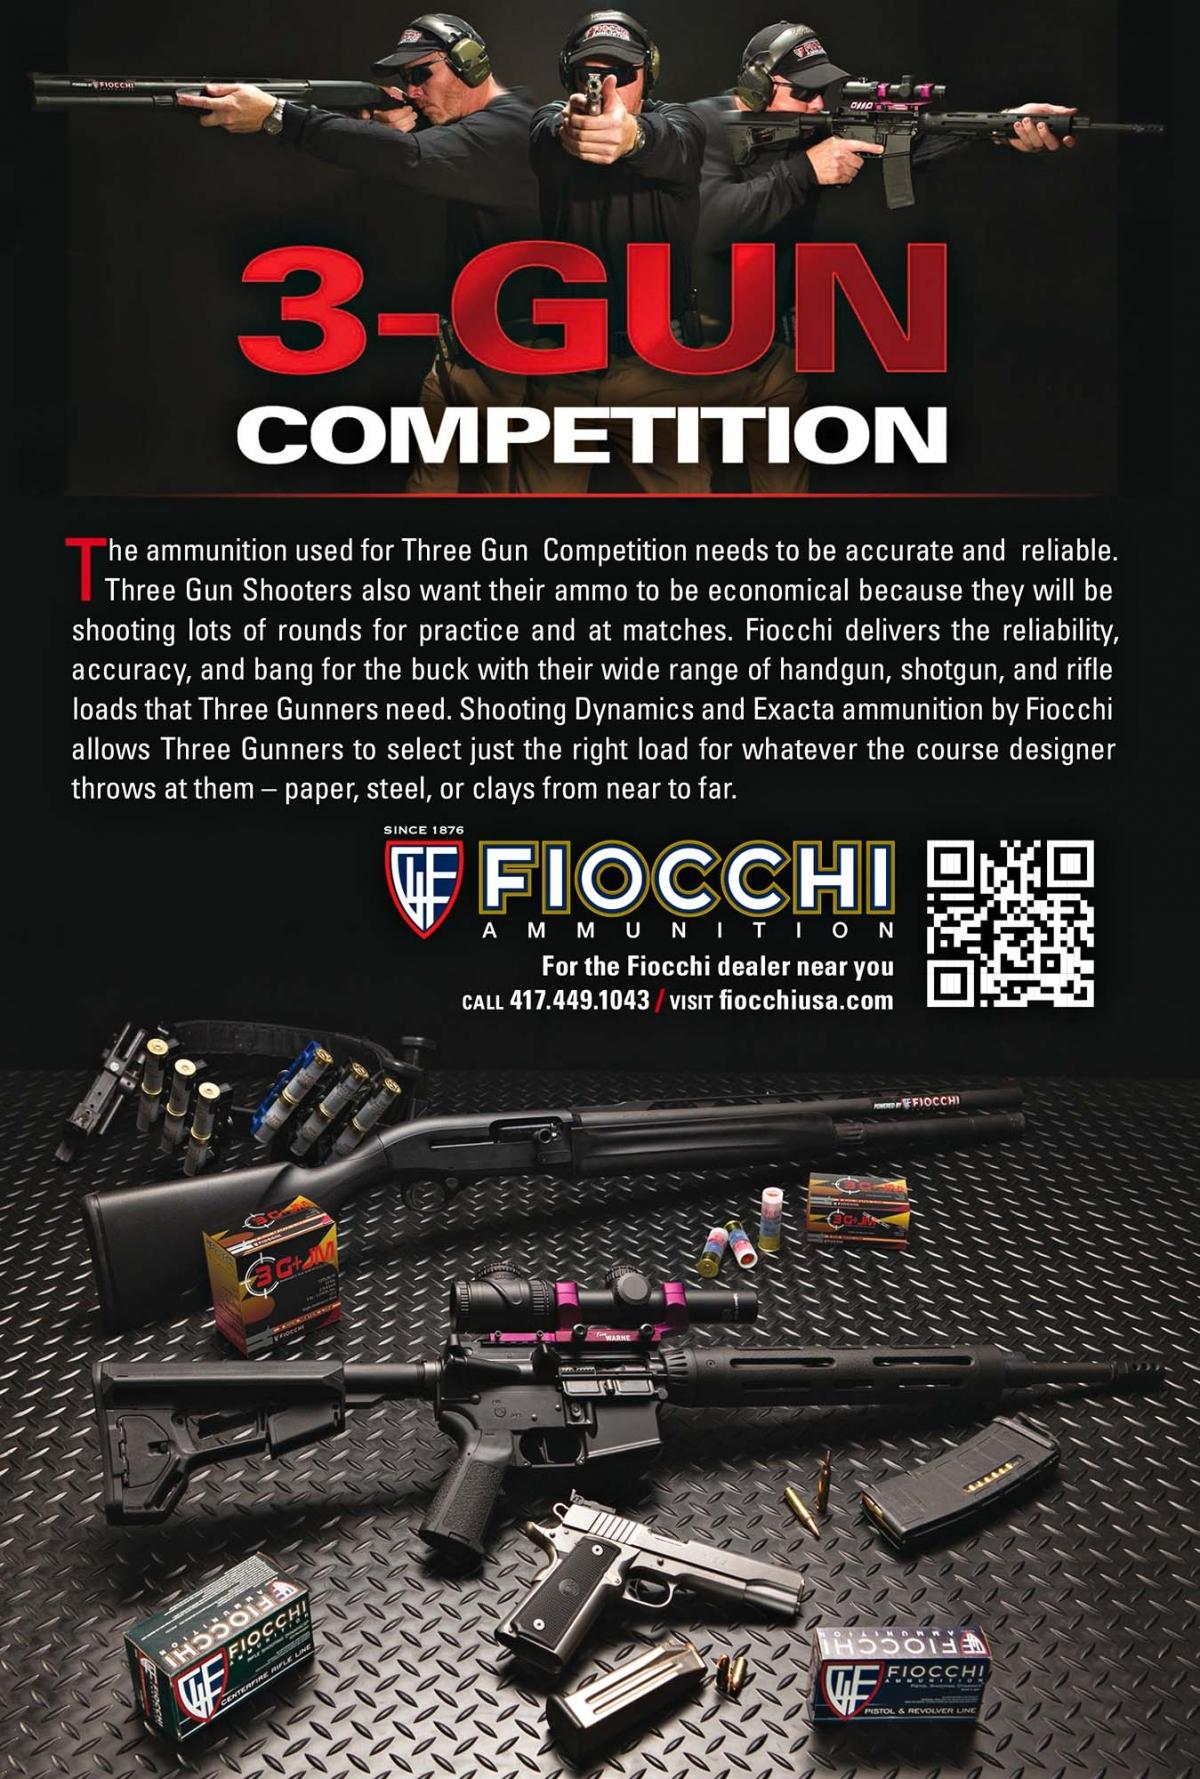 Fiocchi 3G+JM ammunition for Tri-Gun Competition shooters